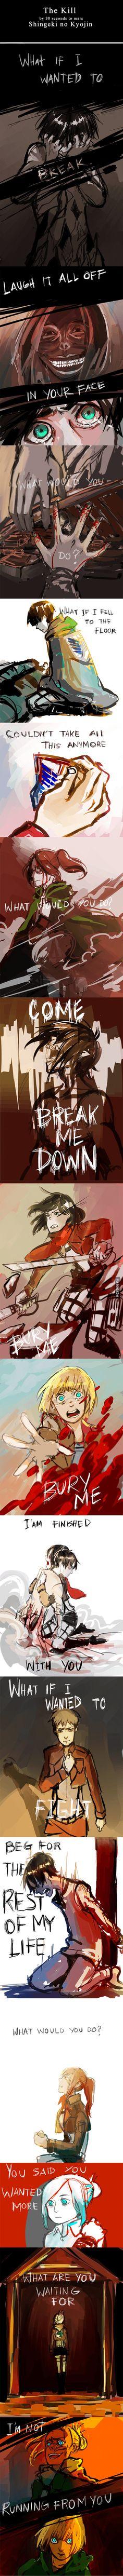 ||Attack on Titan: The Kill: 30 Seconds to Mars|| Lo amo, lo amo, ¡Lo amo, maldita sea! ;-; Este cover es hermoso.